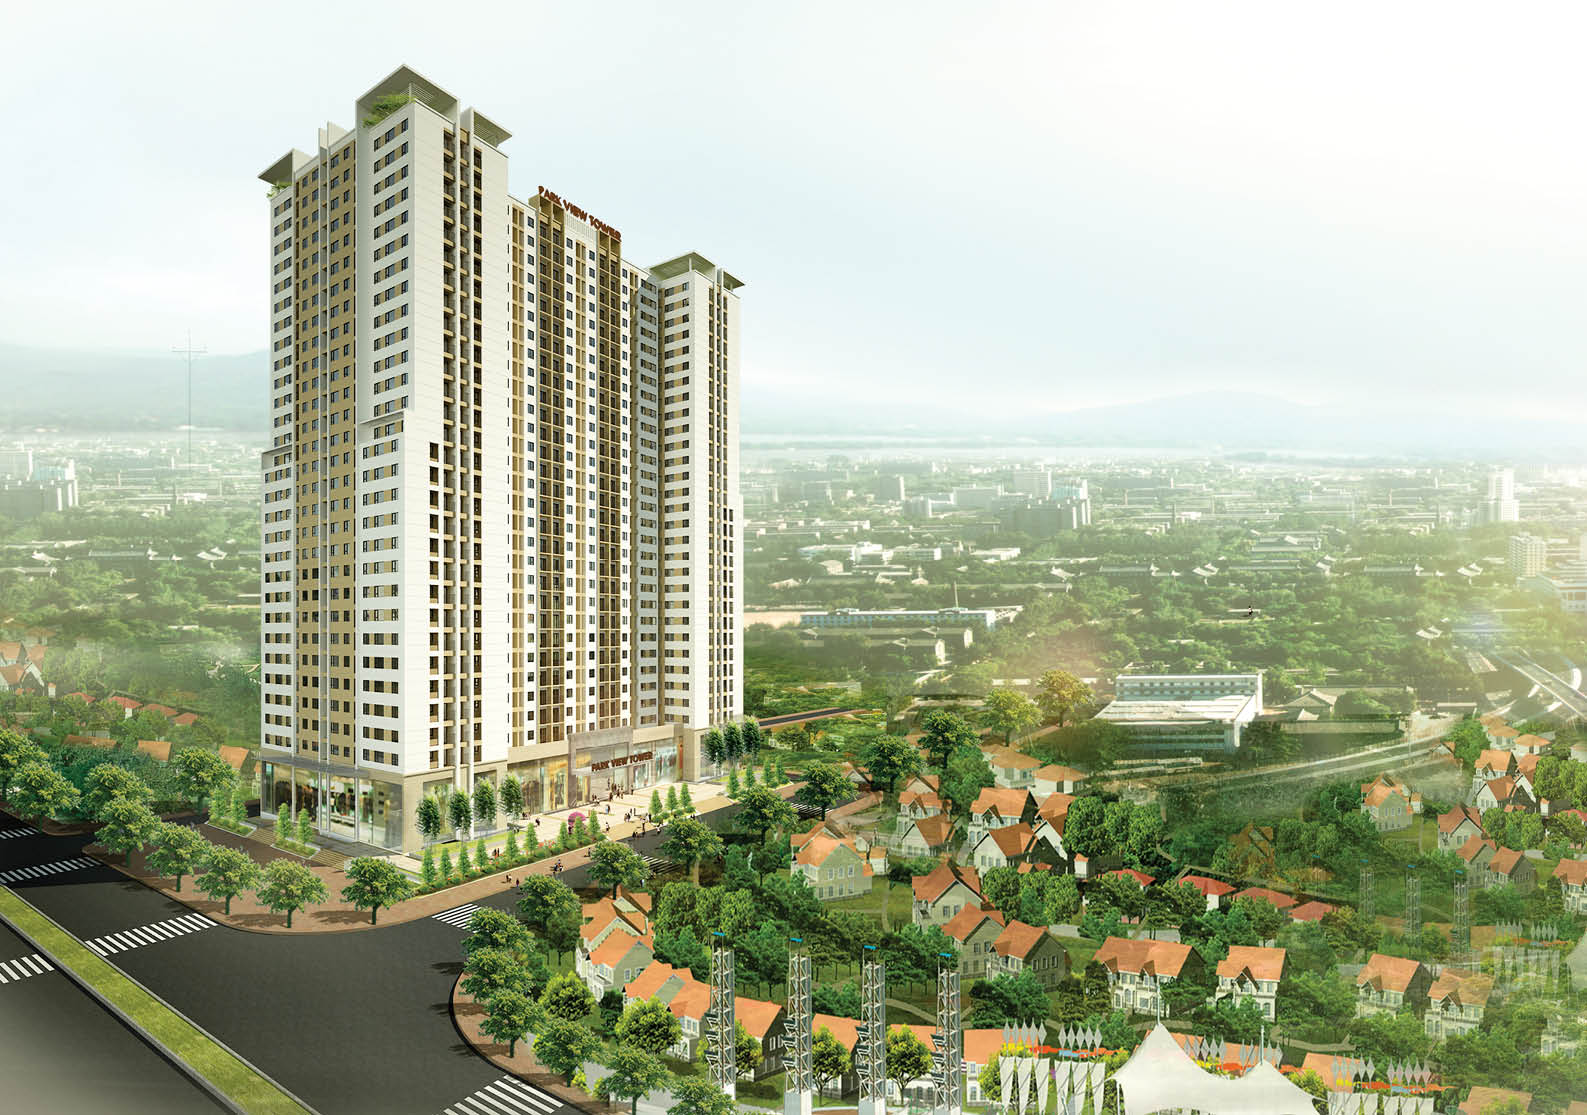 Sắp mở bán dự án Chung cư Park View Tower - Hoàng Mai - Hà Nội